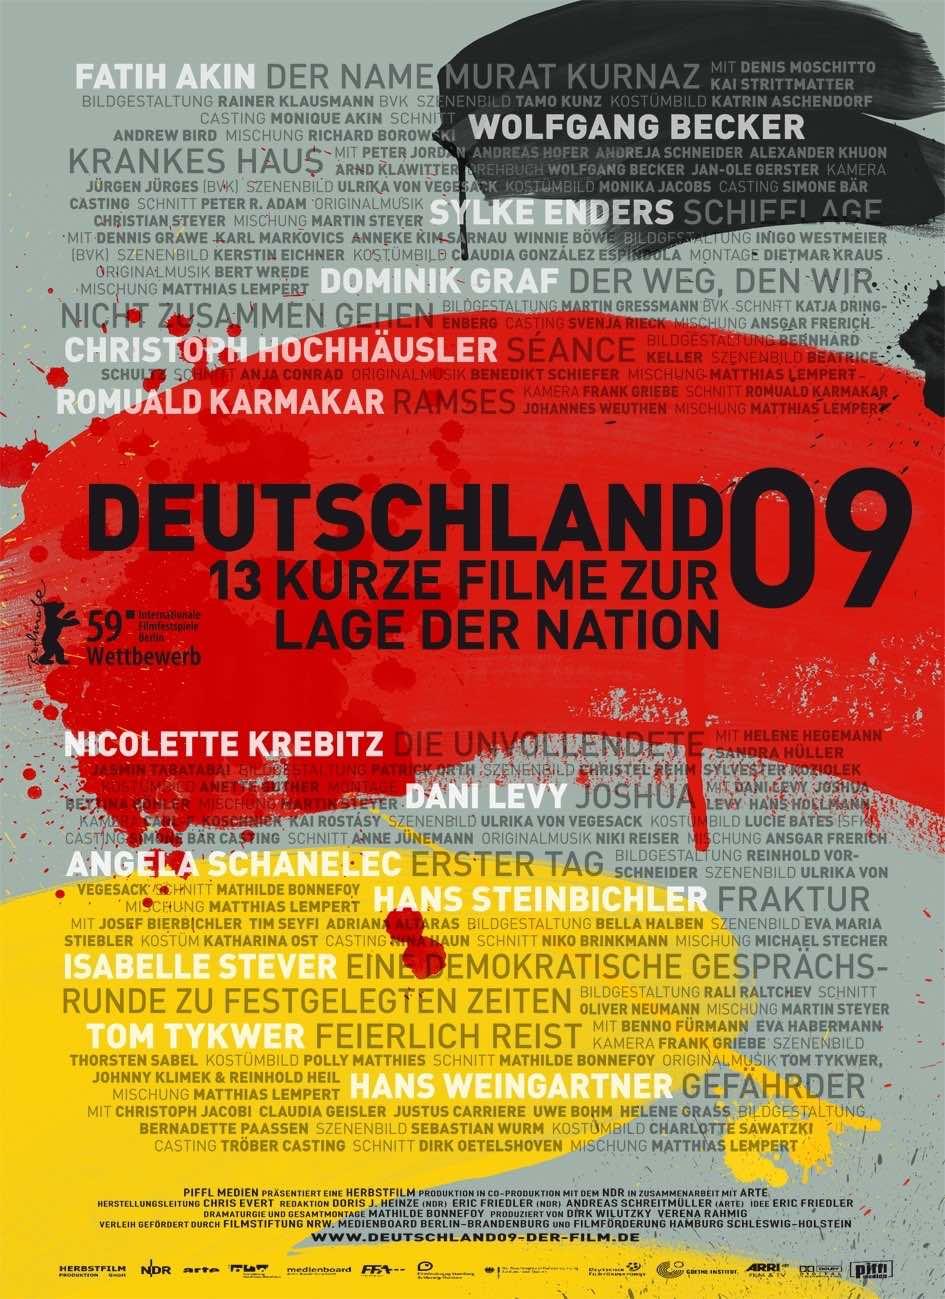 DEUTSCHLAND+09+–+13+kurze+Filme+zur+Lage+der+Nation.jpg